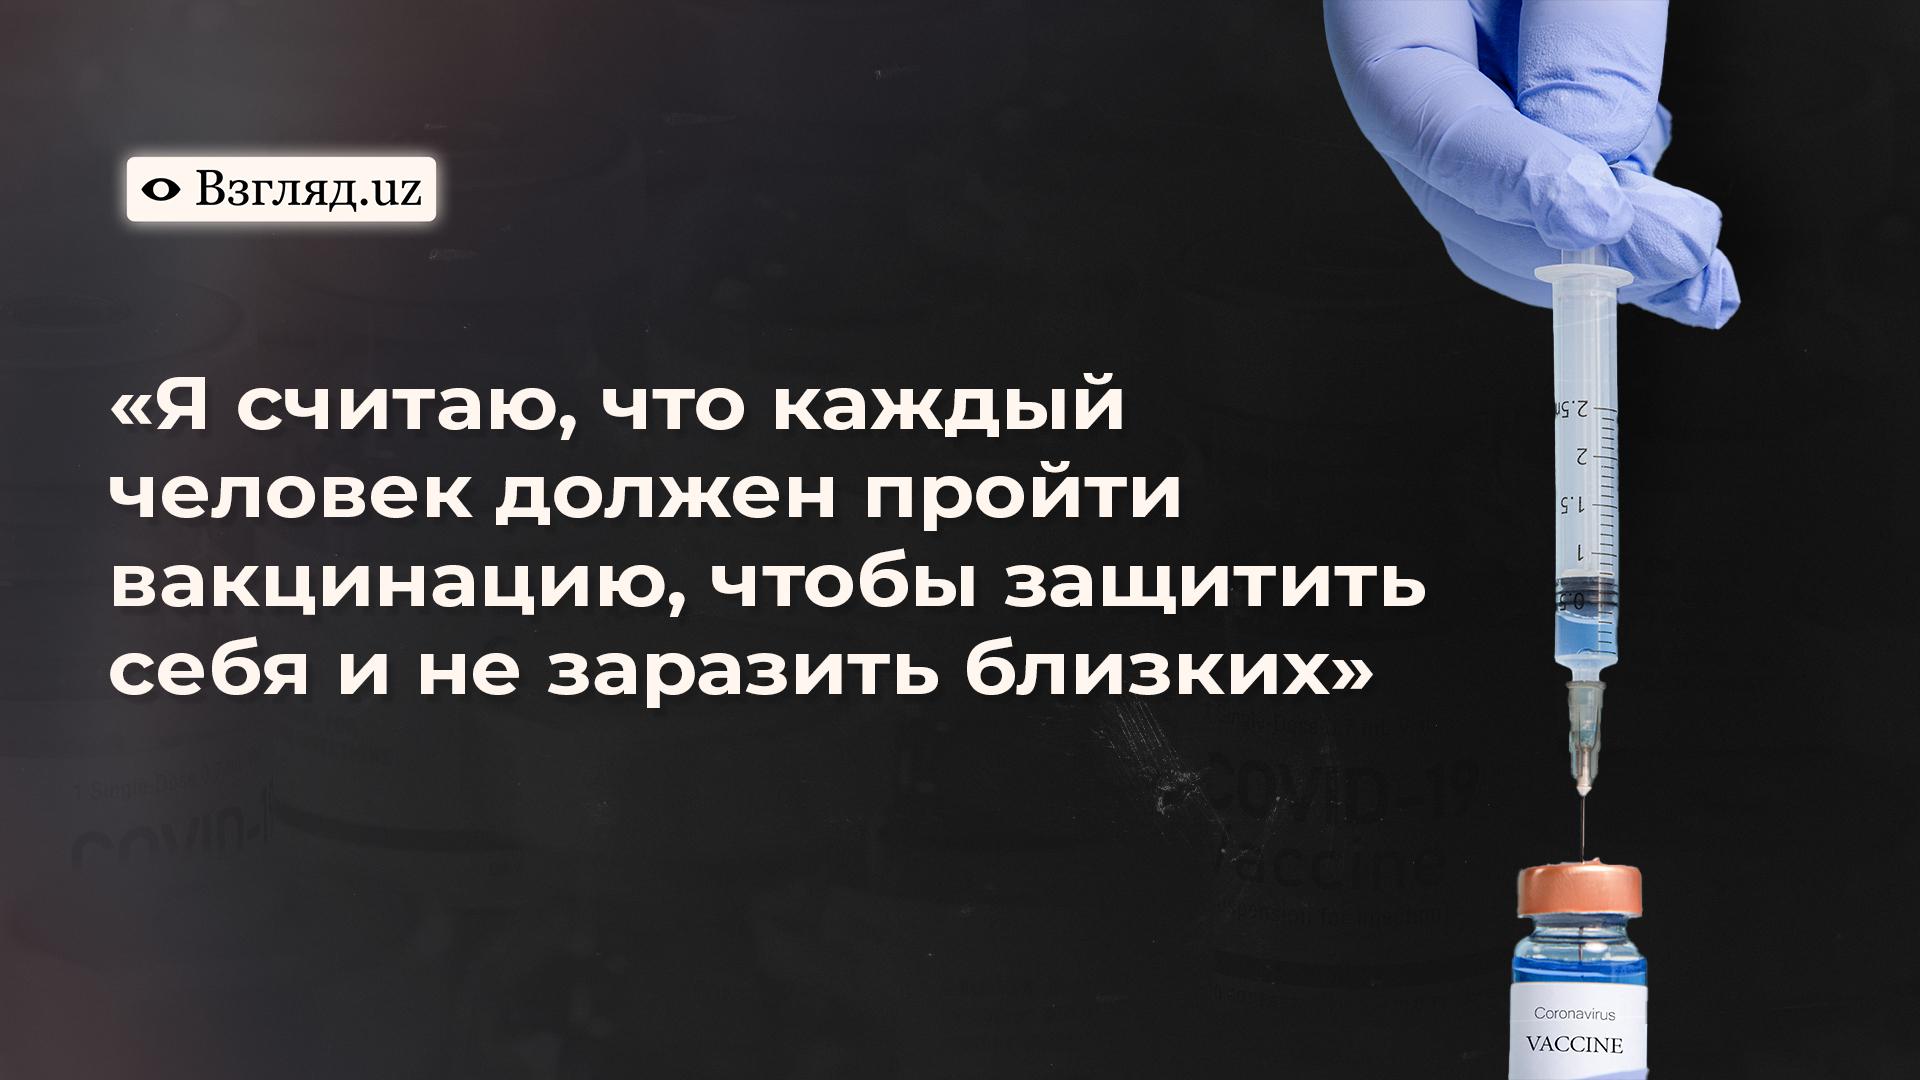 Узбекистанки рассказали всю правду о побочных эффектах после вакцинации от COVID-19 и почему решились на это